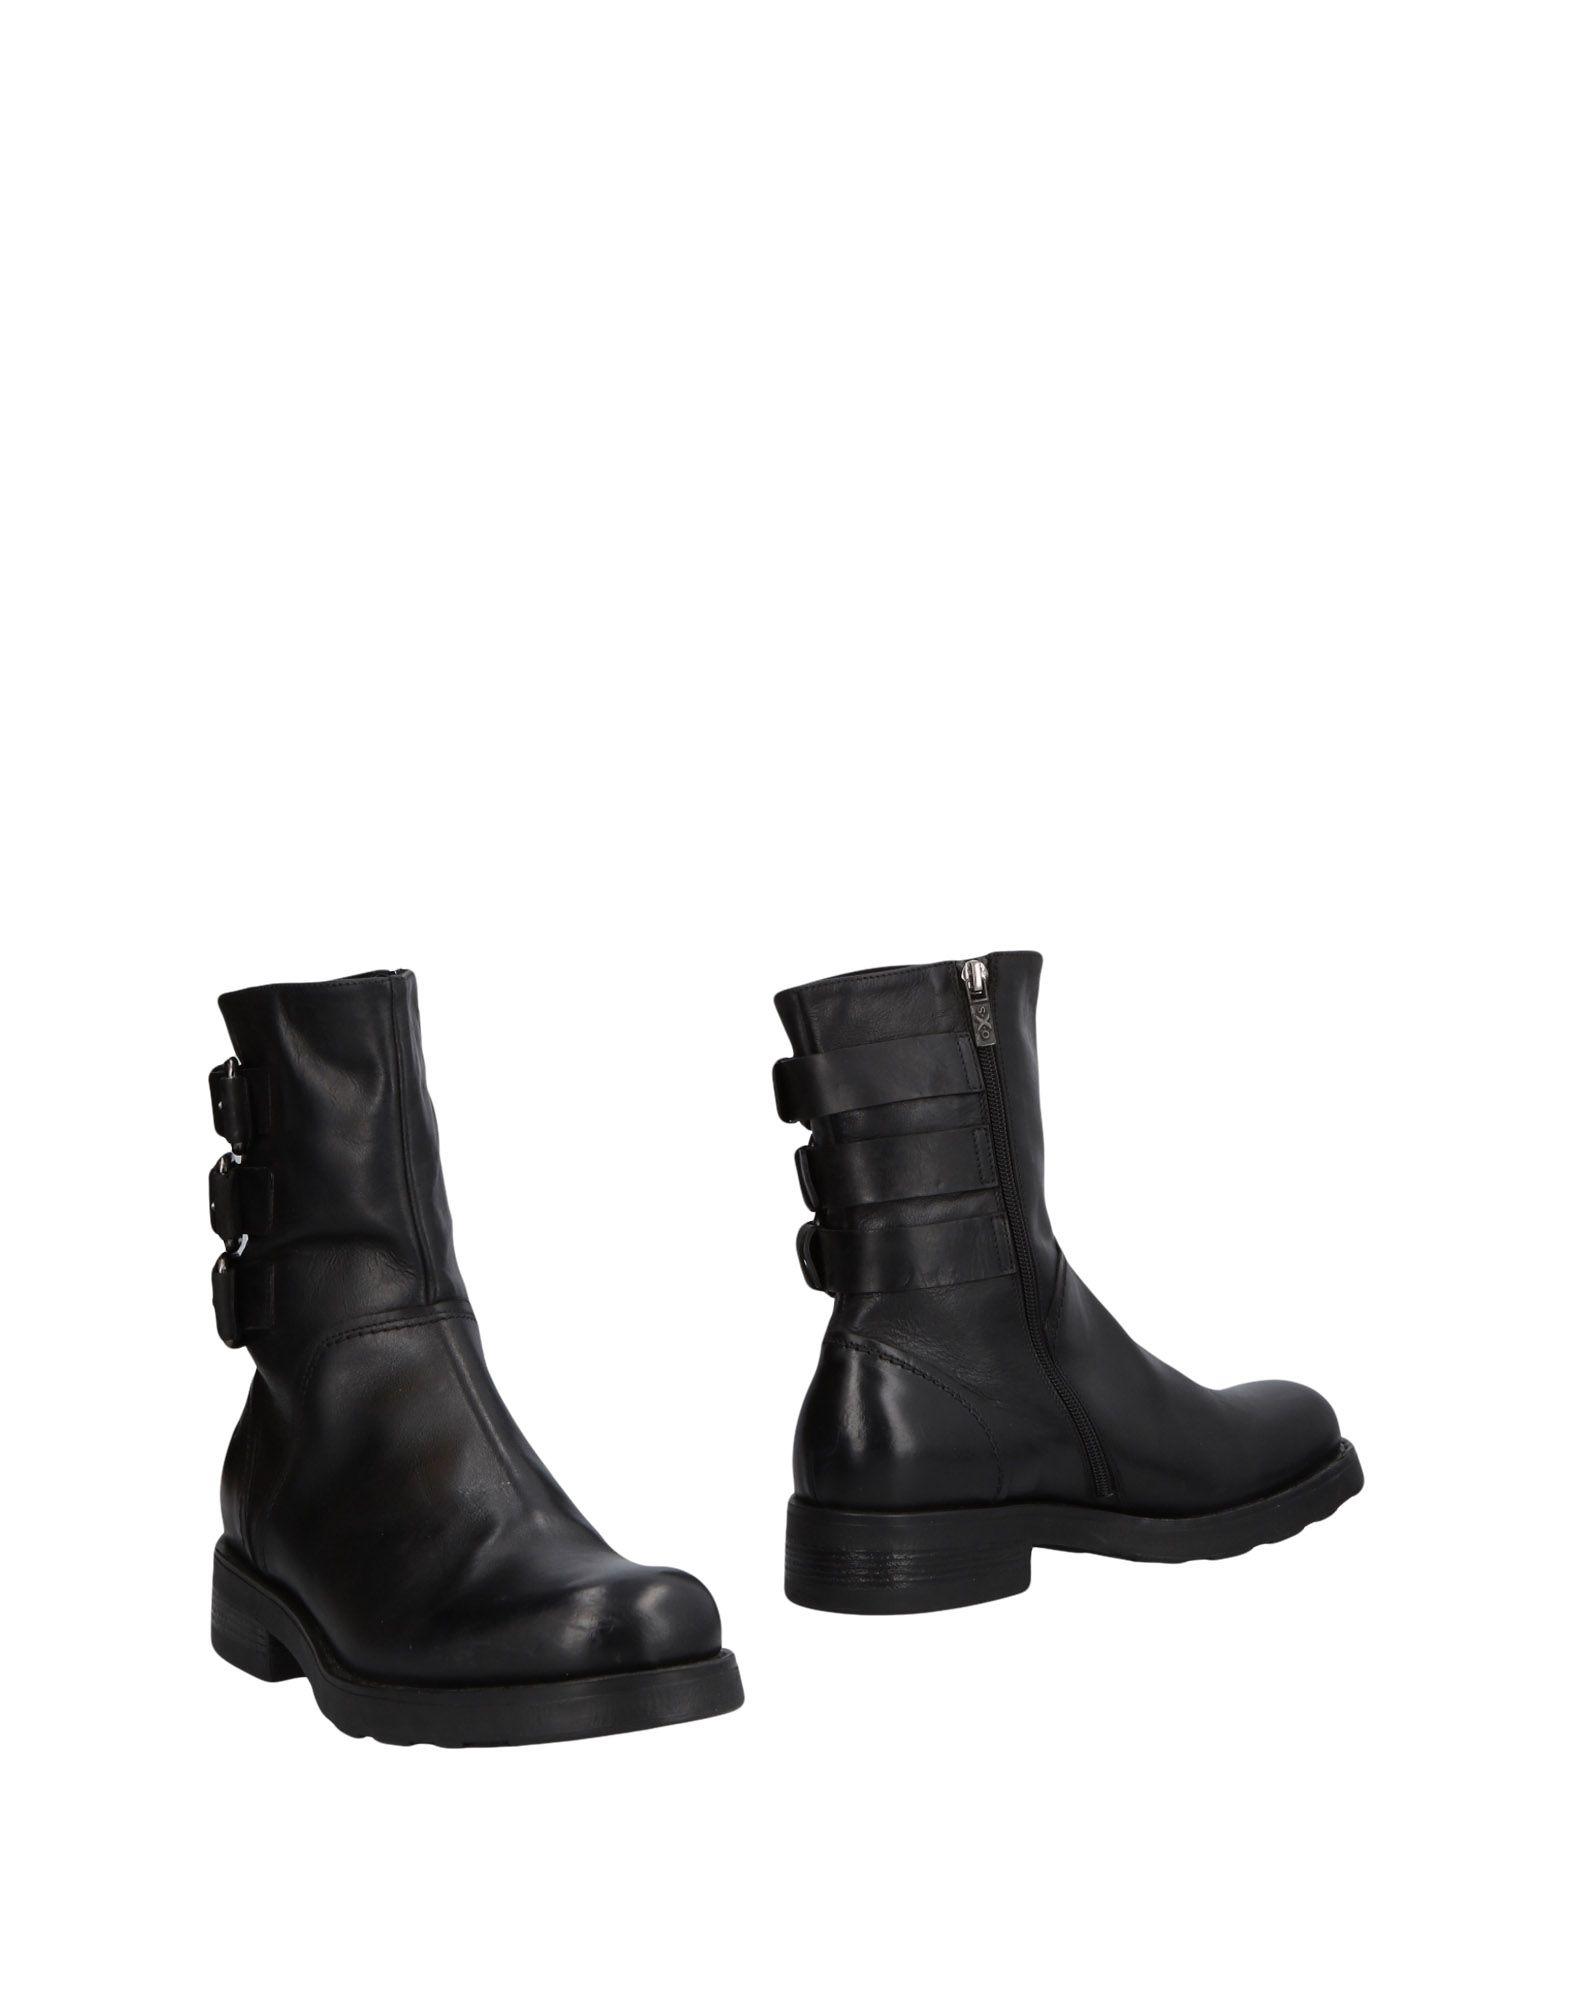 O.X.S. Stiefelette Herren  11487936OG Gute Qualität beliebte Schuhe